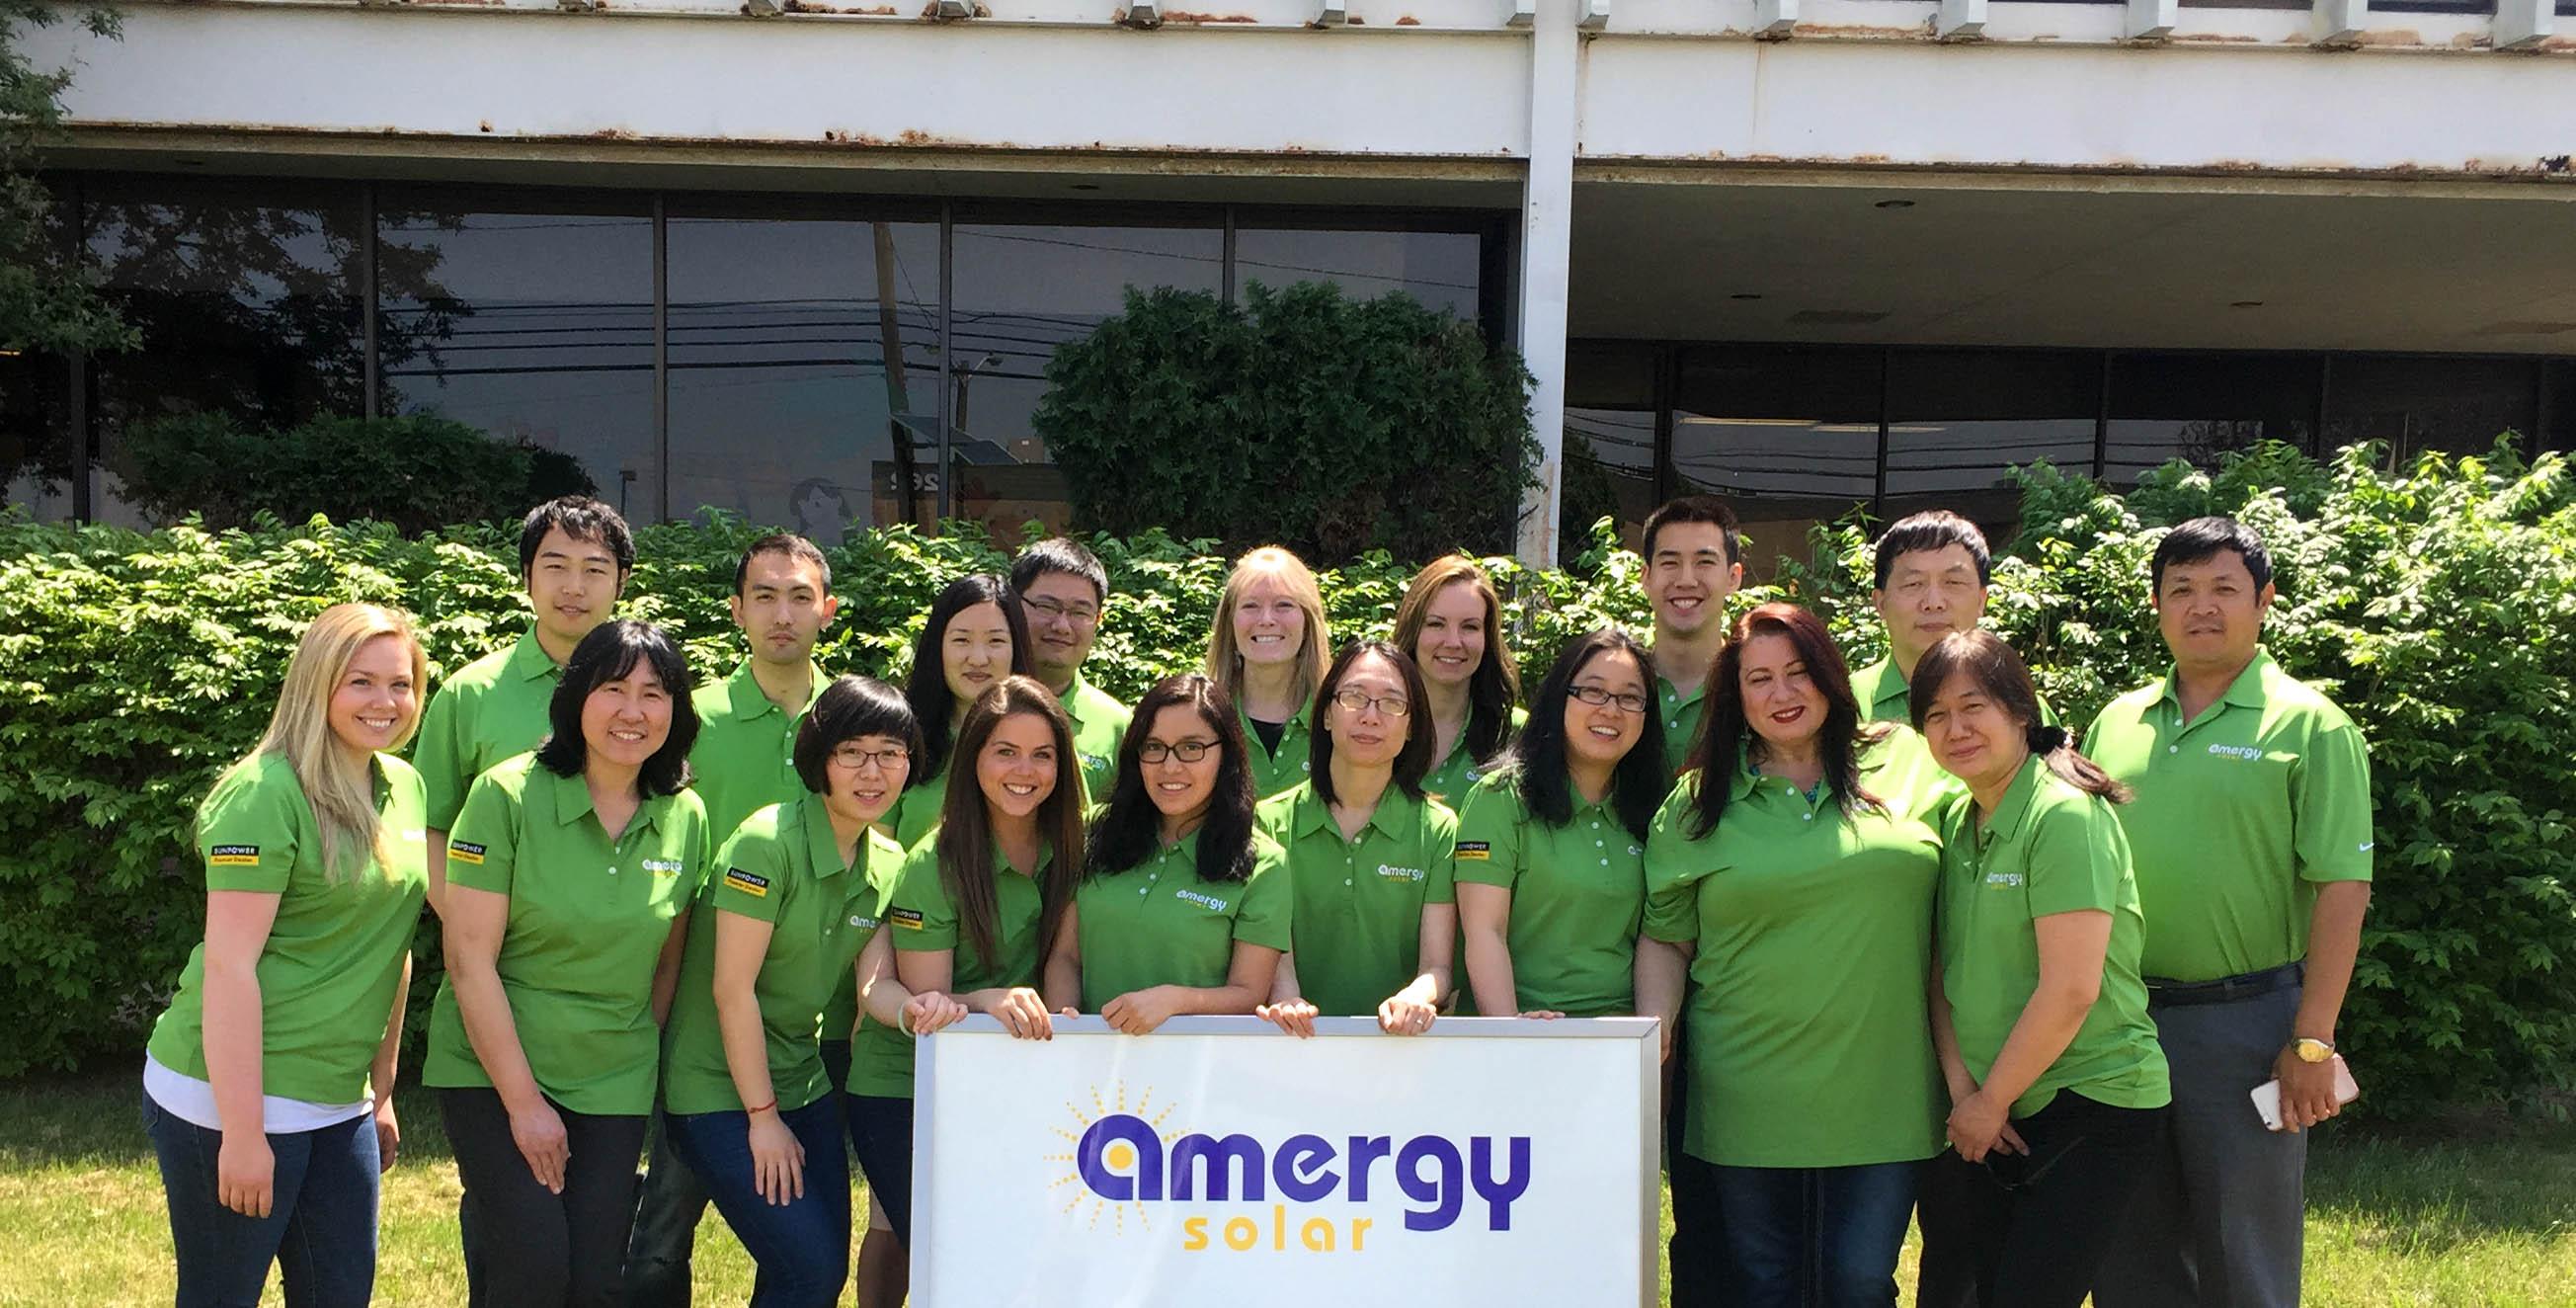 Amergy solar team